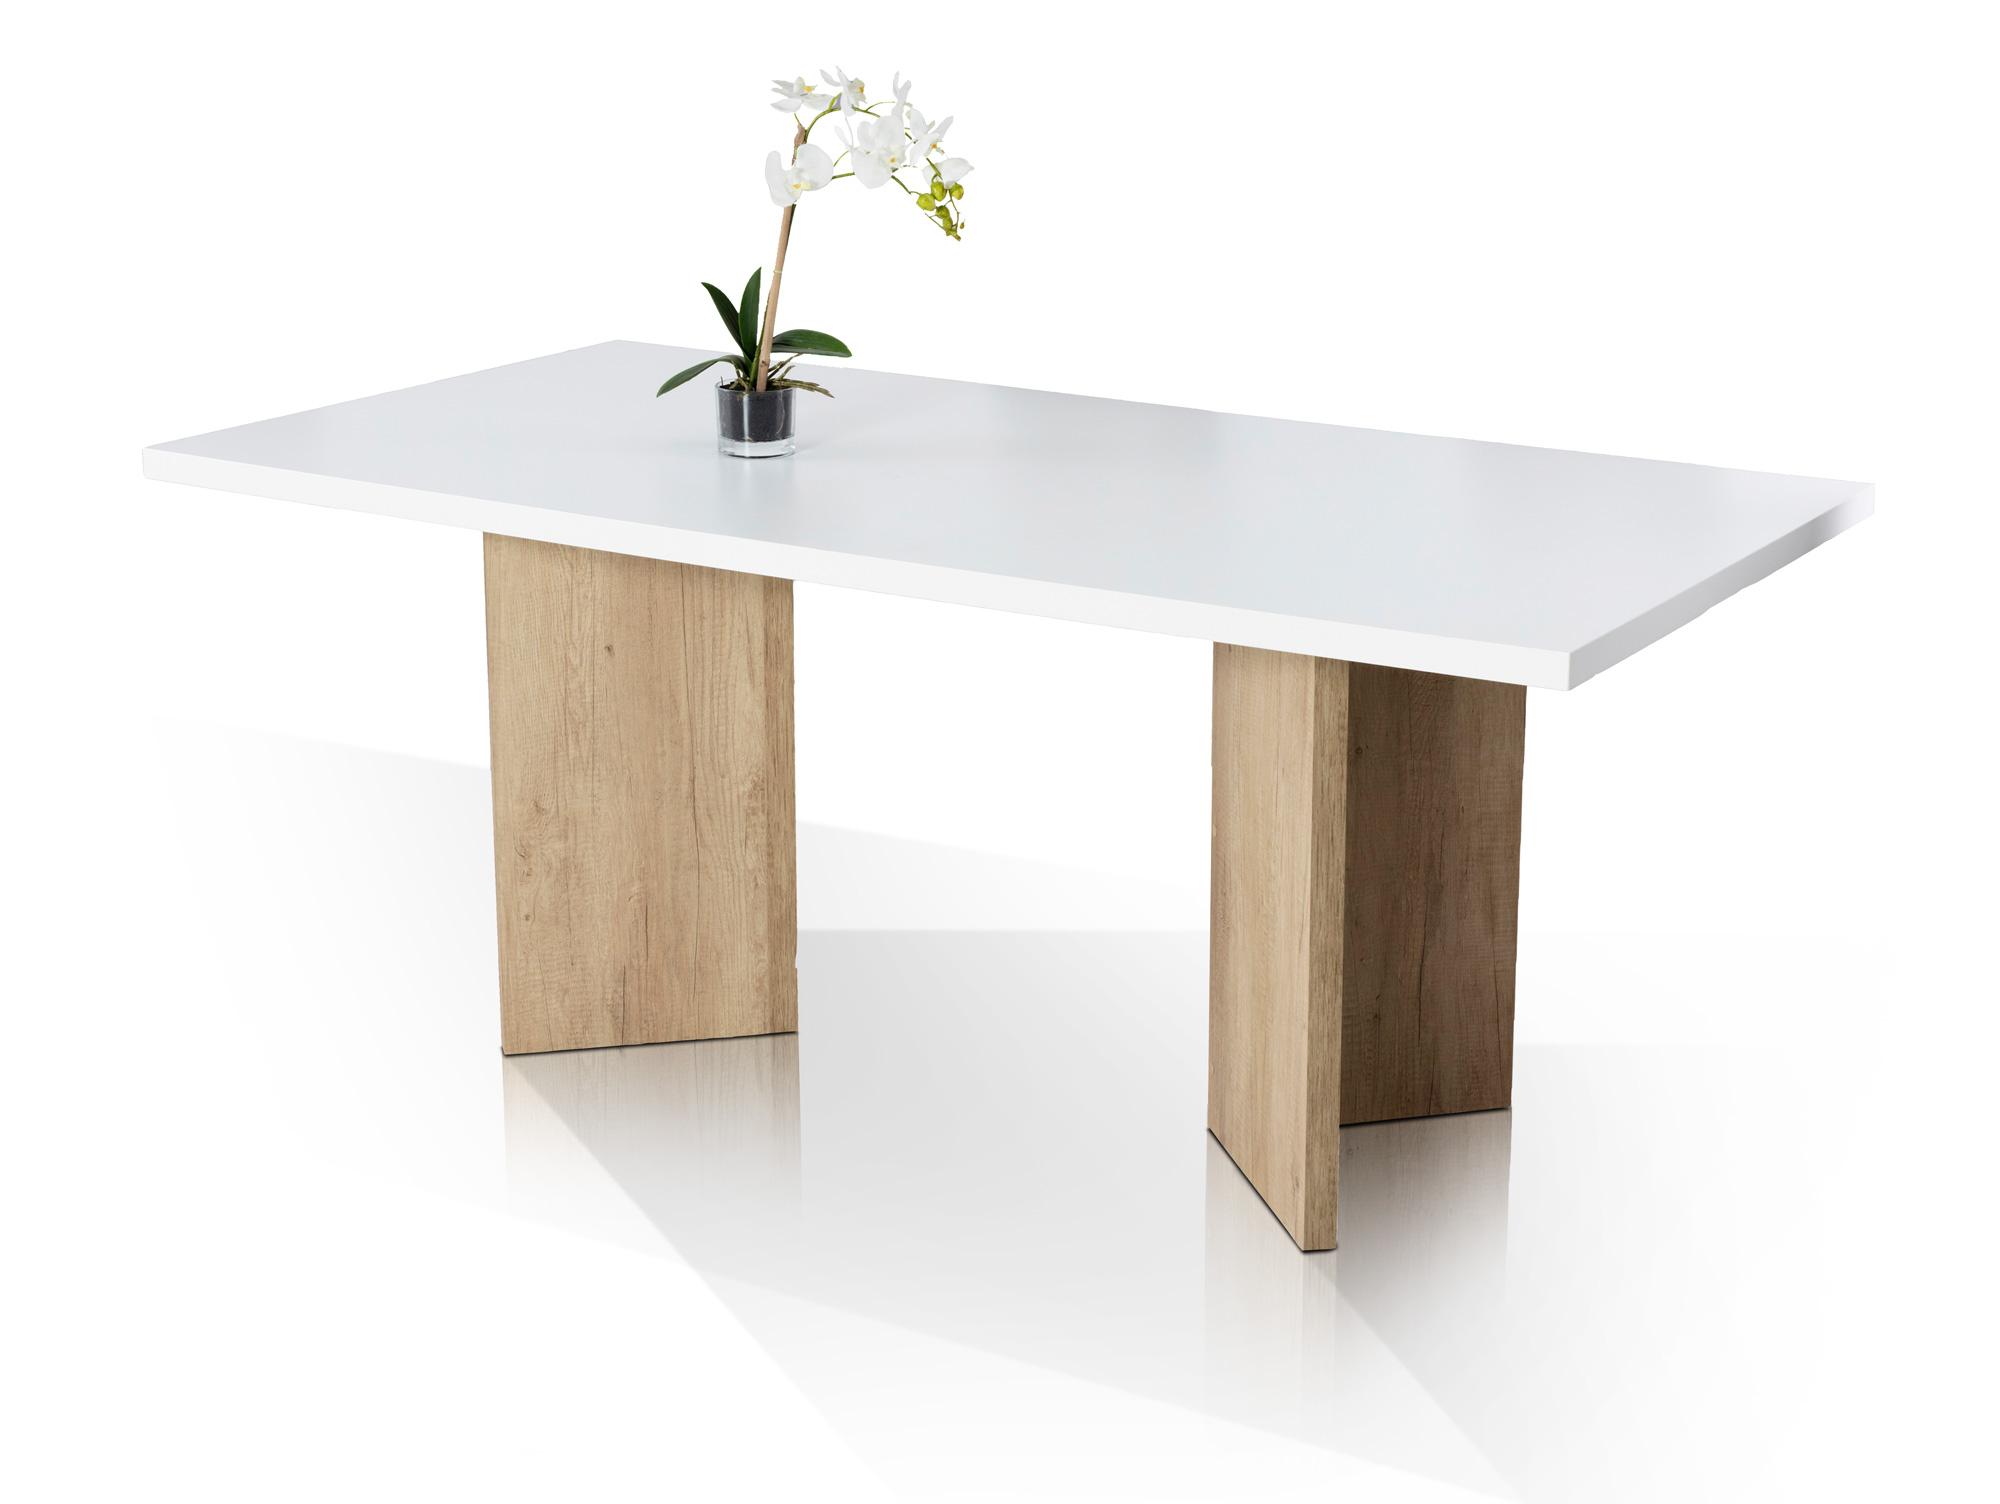 salzburg esstisch 180x90 cm wei matt gestell eichelook. Black Bedroom Furniture Sets. Home Design Ideas